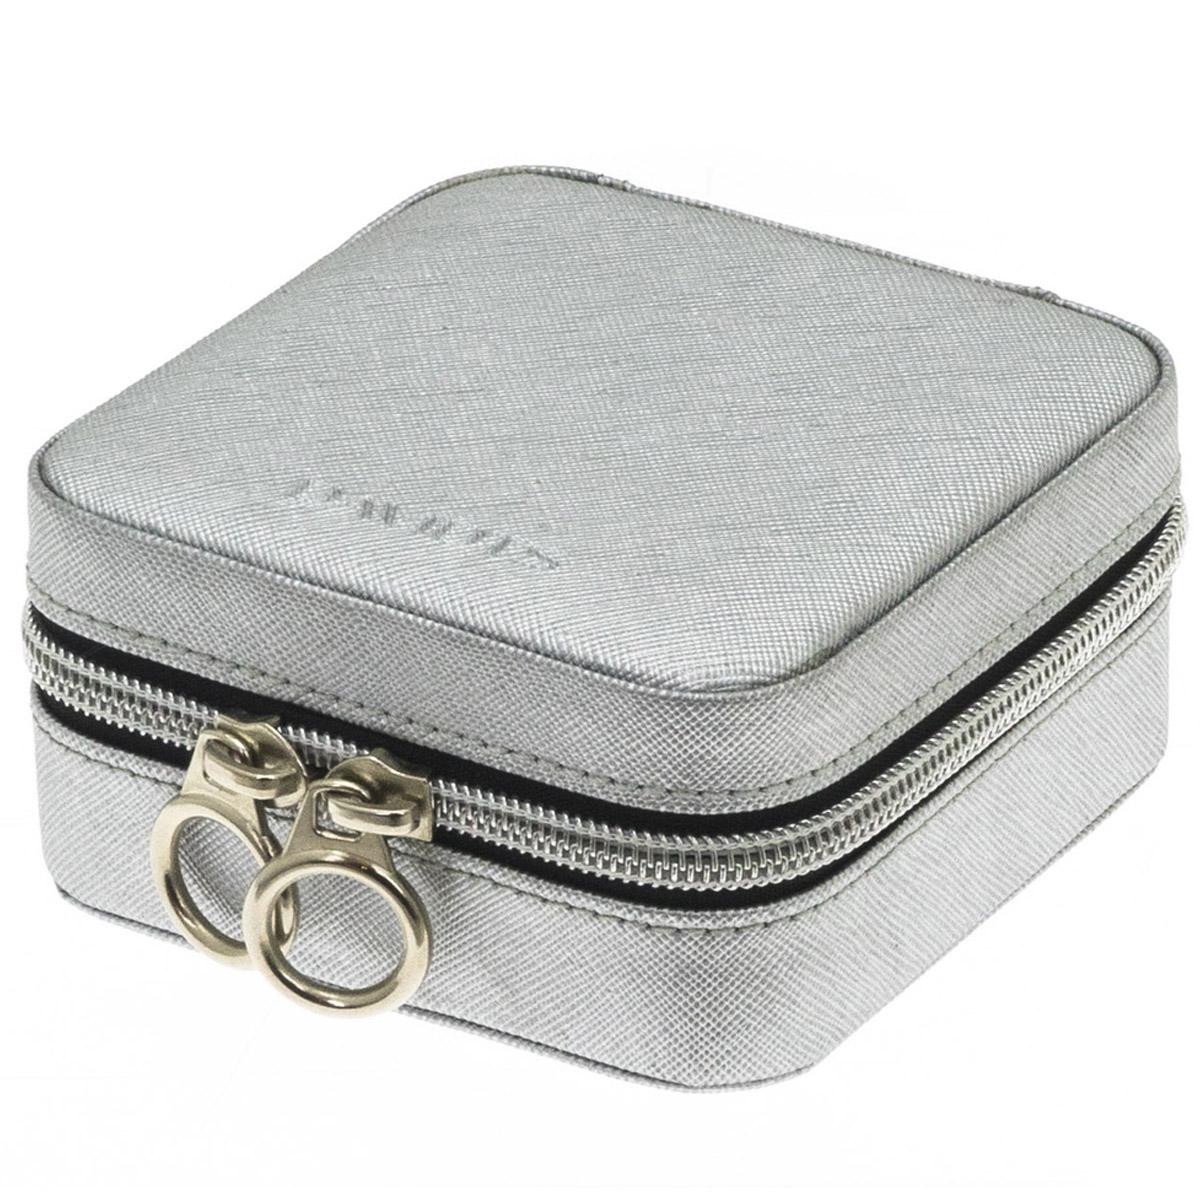 Coffret à bijoux zippé \'Zip\'n go\' gris argenté - 105x105x5 cm - [Q9146]